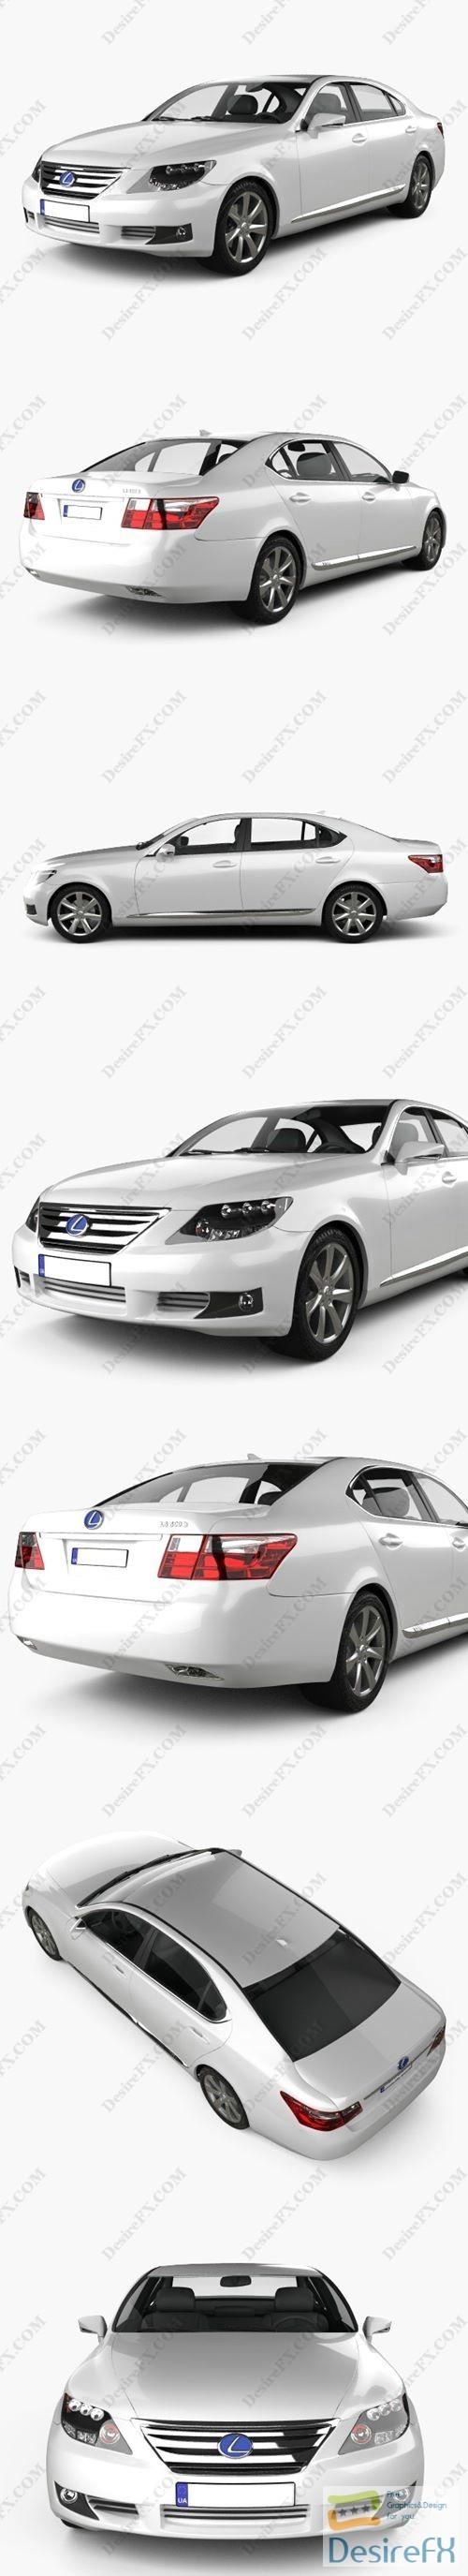 3d-models - Lexus LS XF40 600h 2010 3D Model